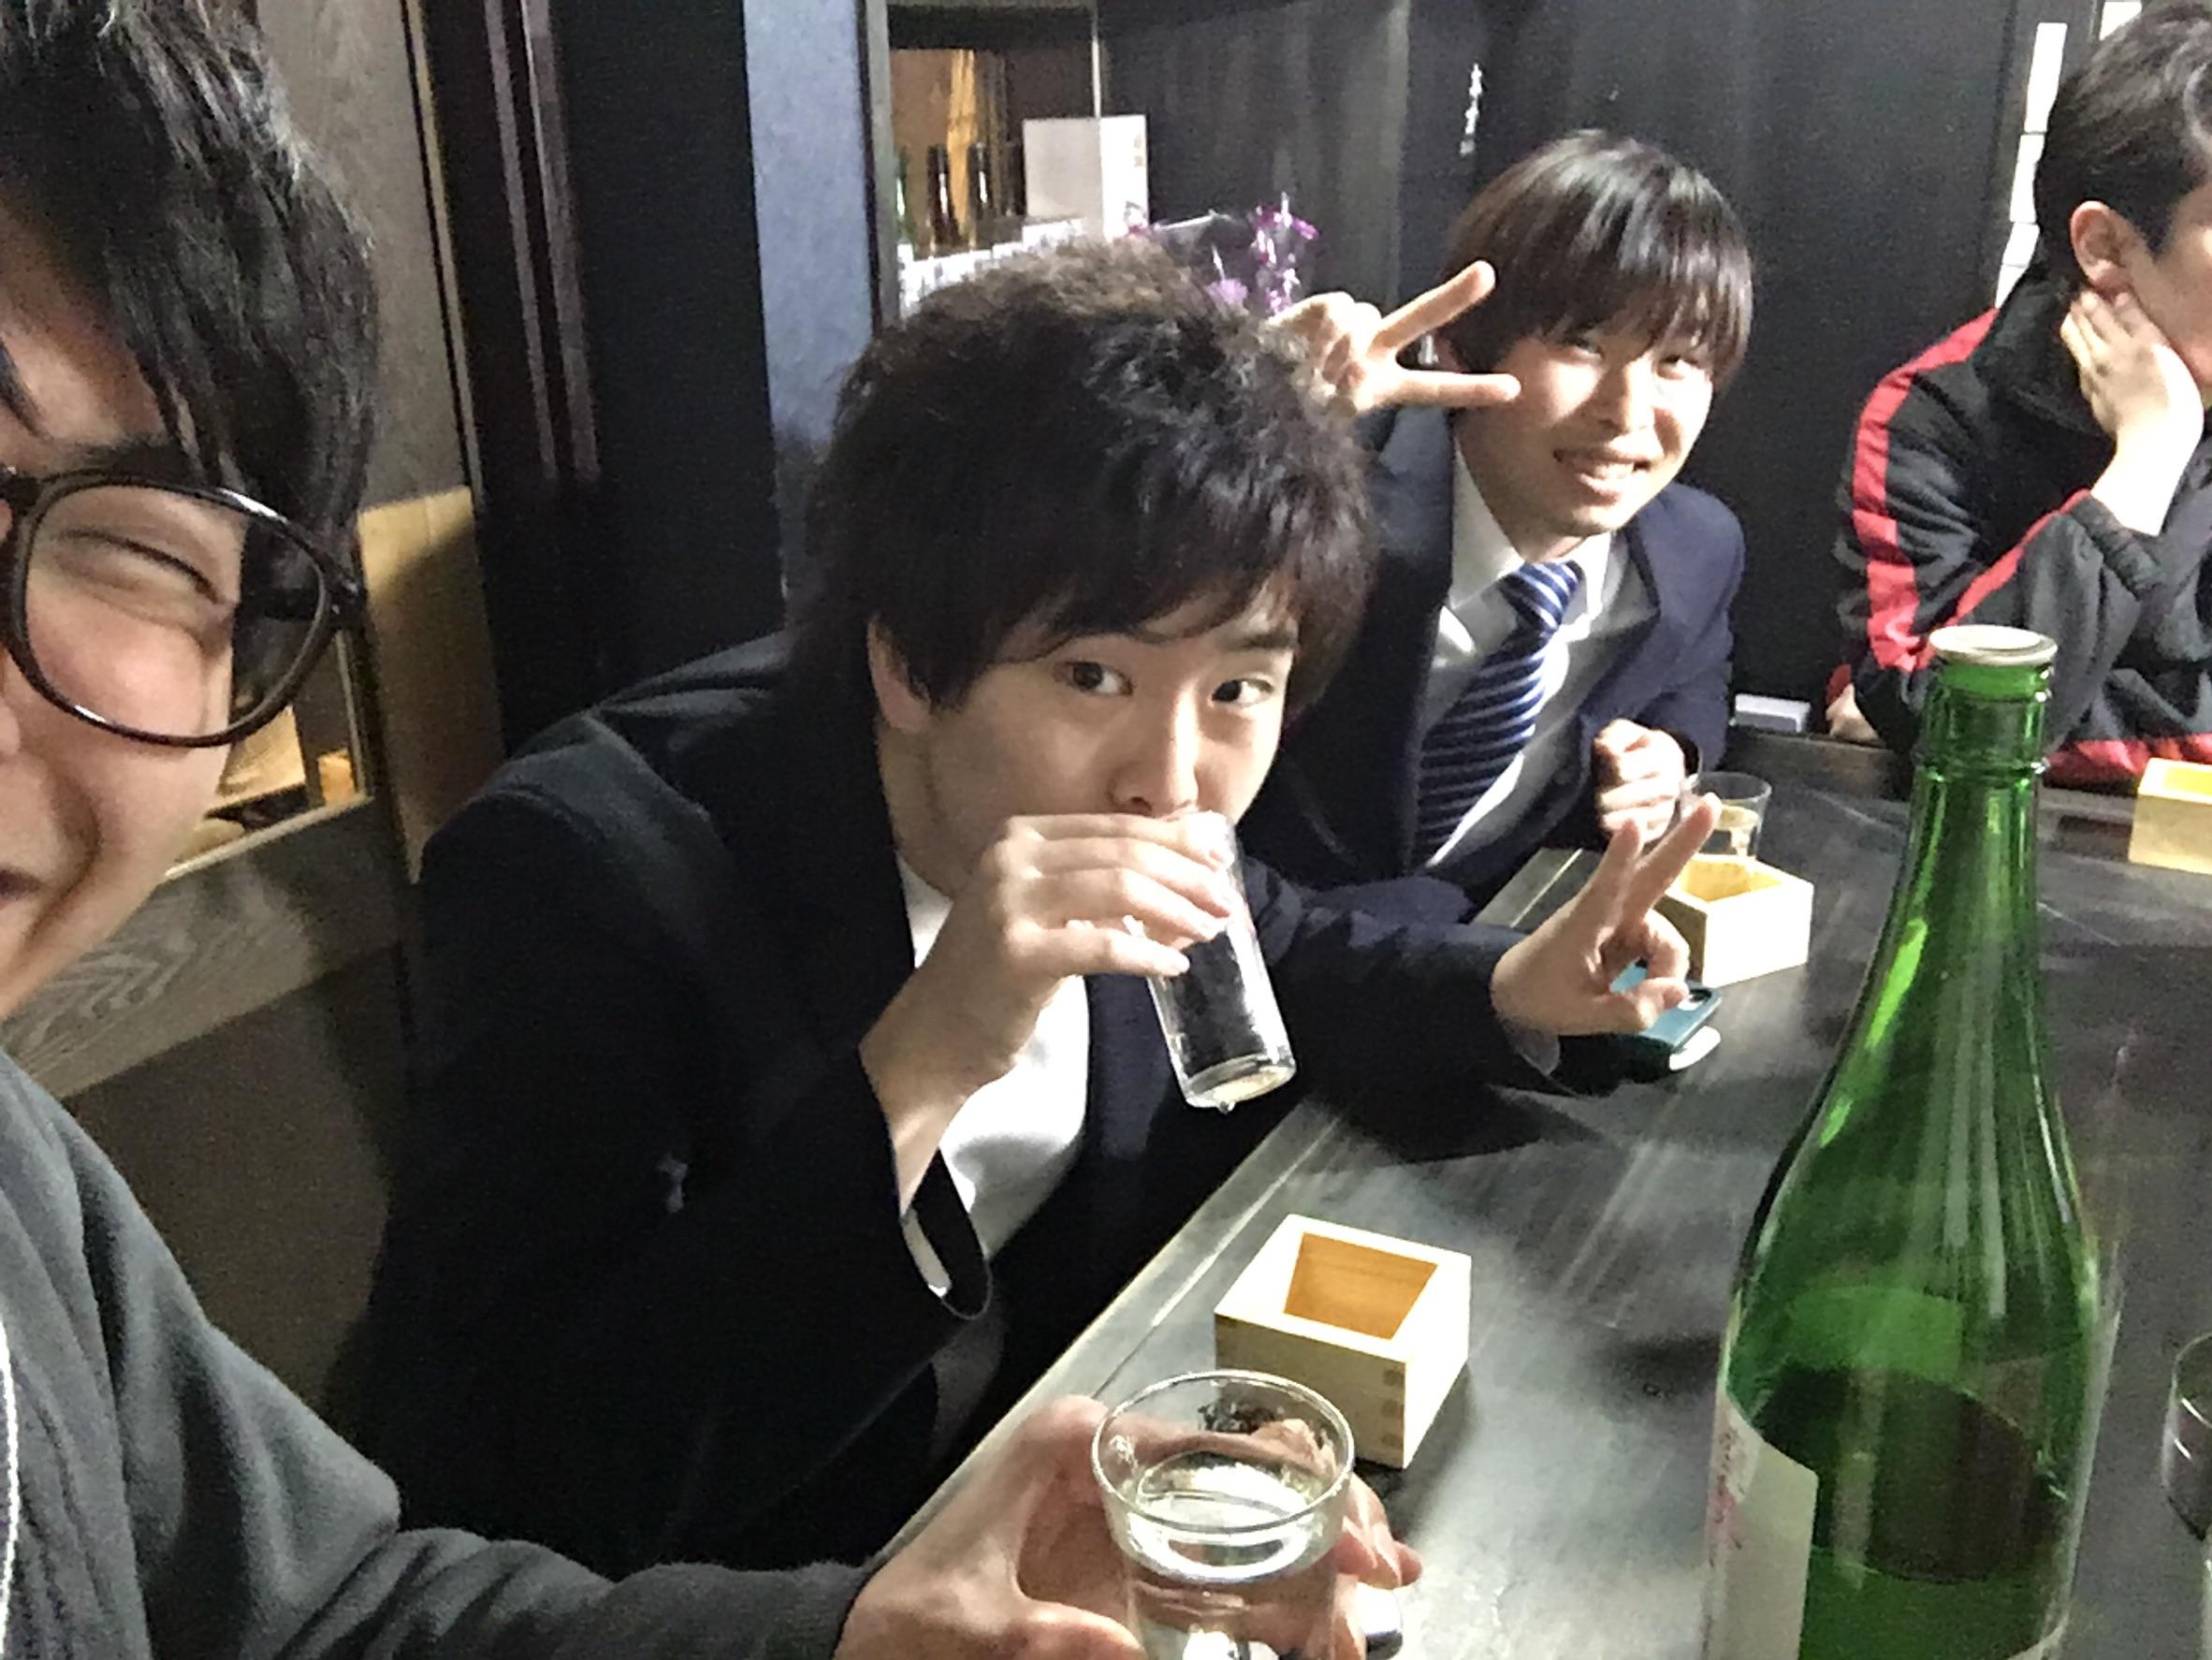 上前津/大須の日本酒バー?「木花咲耶(このはなさくや)」昼飲み、ちょい飲みならここに決まり?